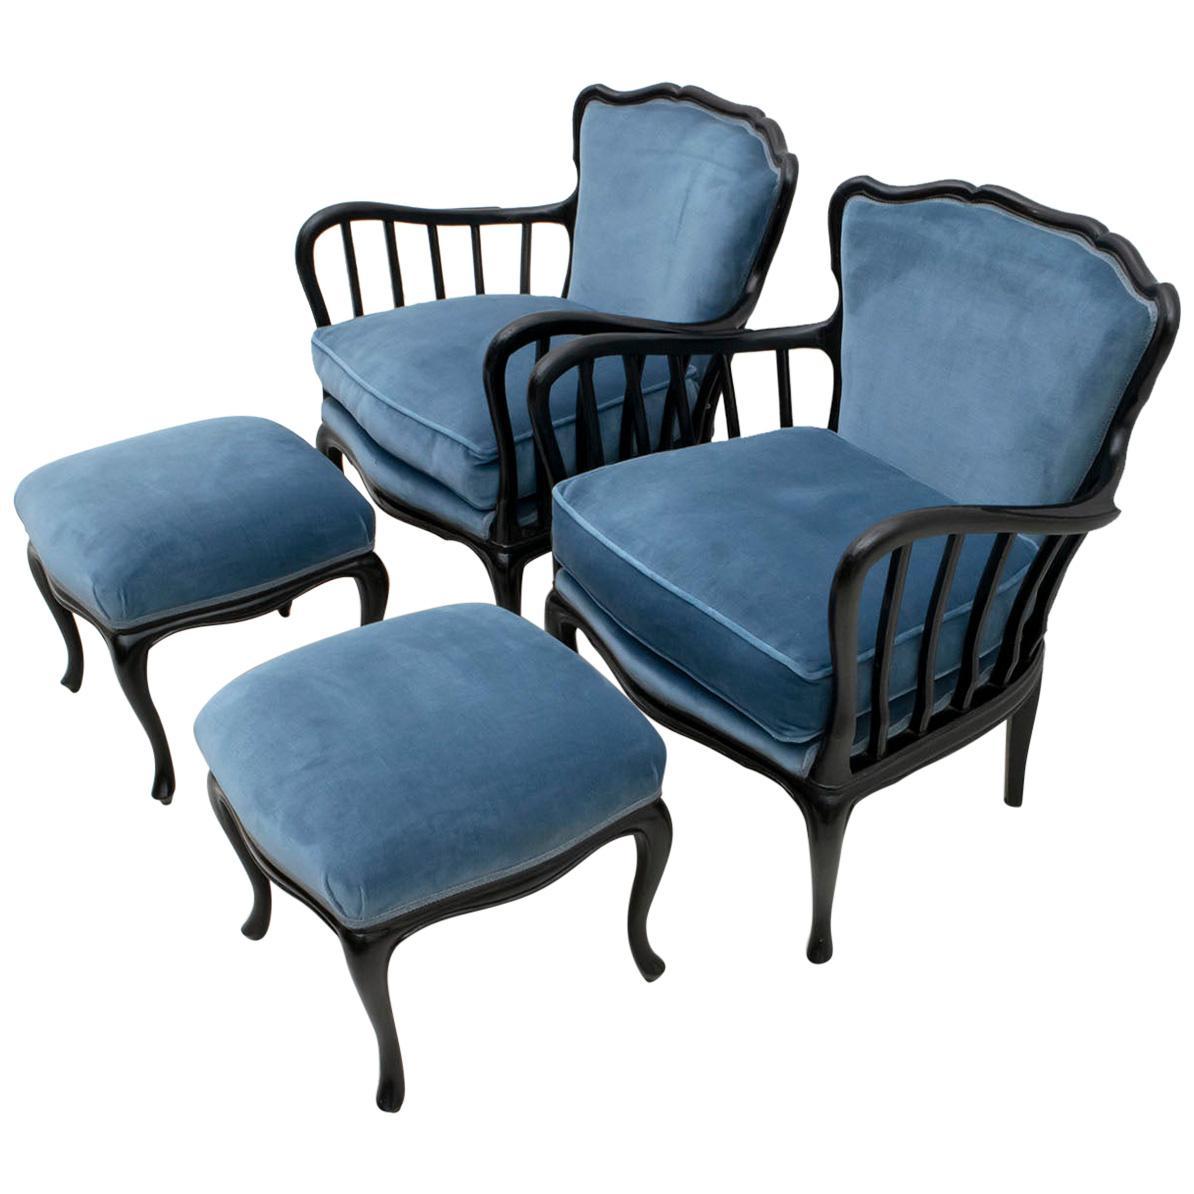 Paolo Buffa Mid-Century Modern Italian Velvet Footrest and Armchairs, 1950s